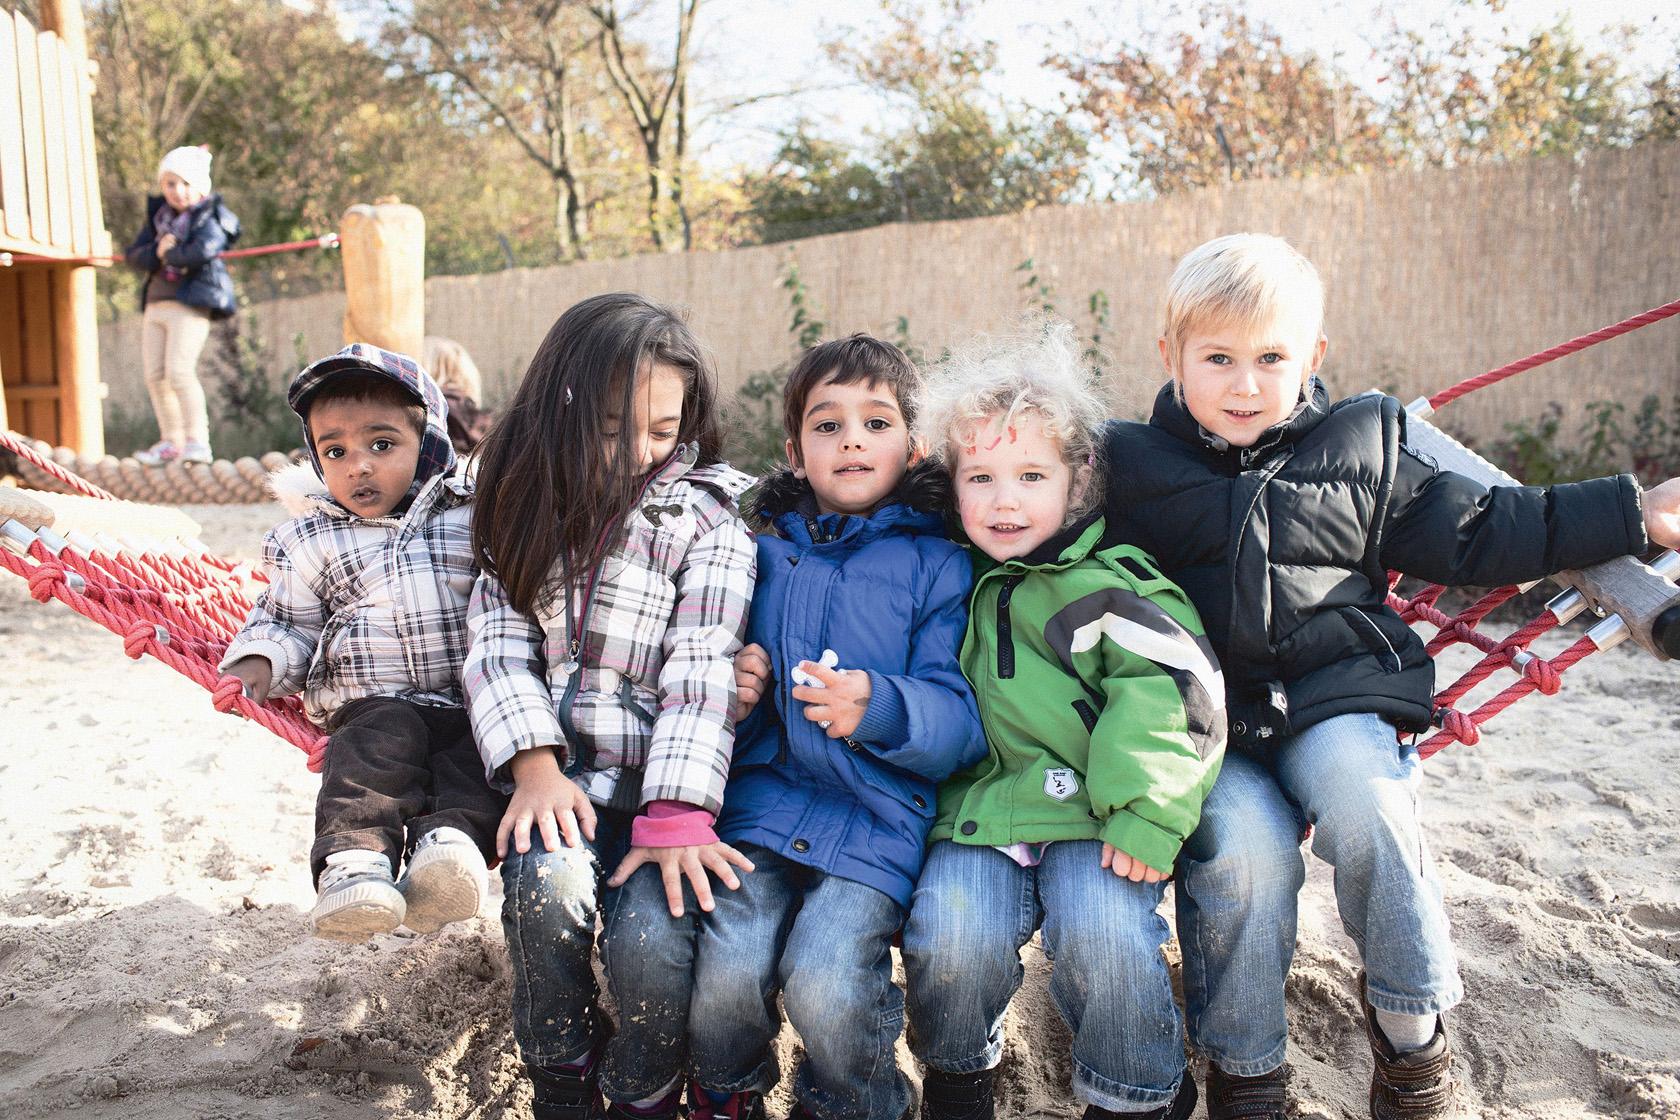 5 Kinder auf einem Seil sitzend